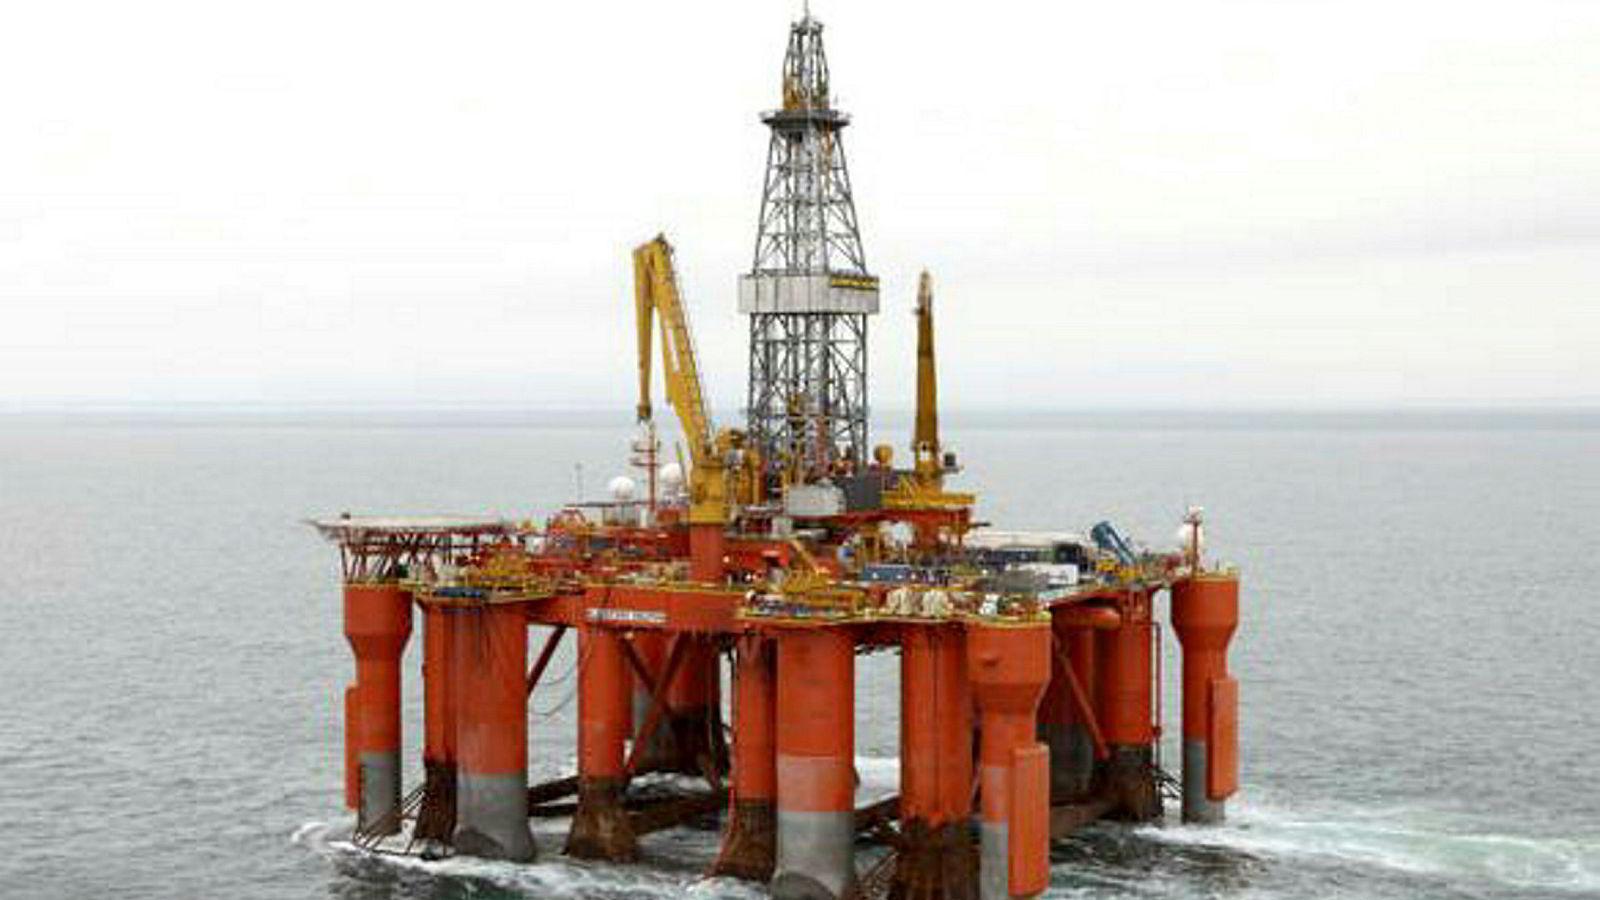 På bildet ses Dolphin Drilling sin halvt nedsenkbare rigg Blackford Dolphin.